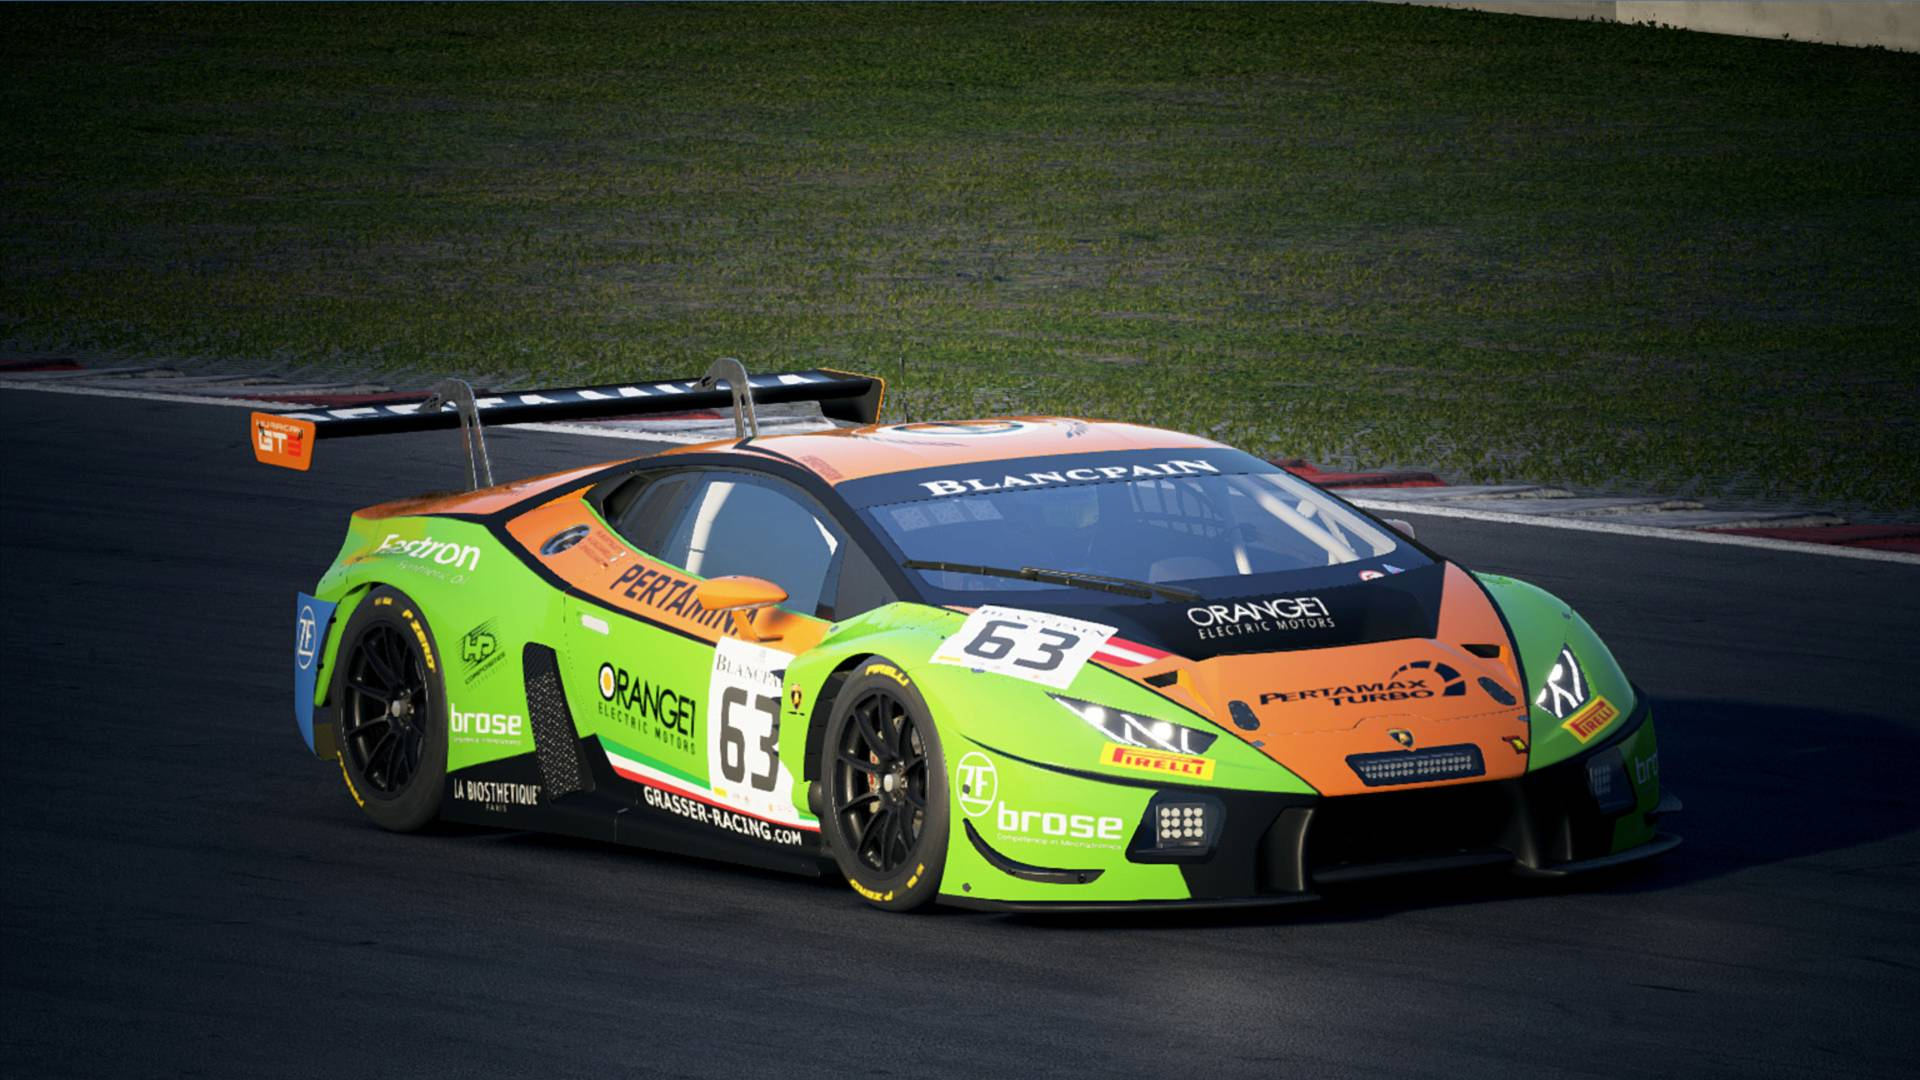 Assetto Corsa Competizione Looks Promising In Pre-Beta Release